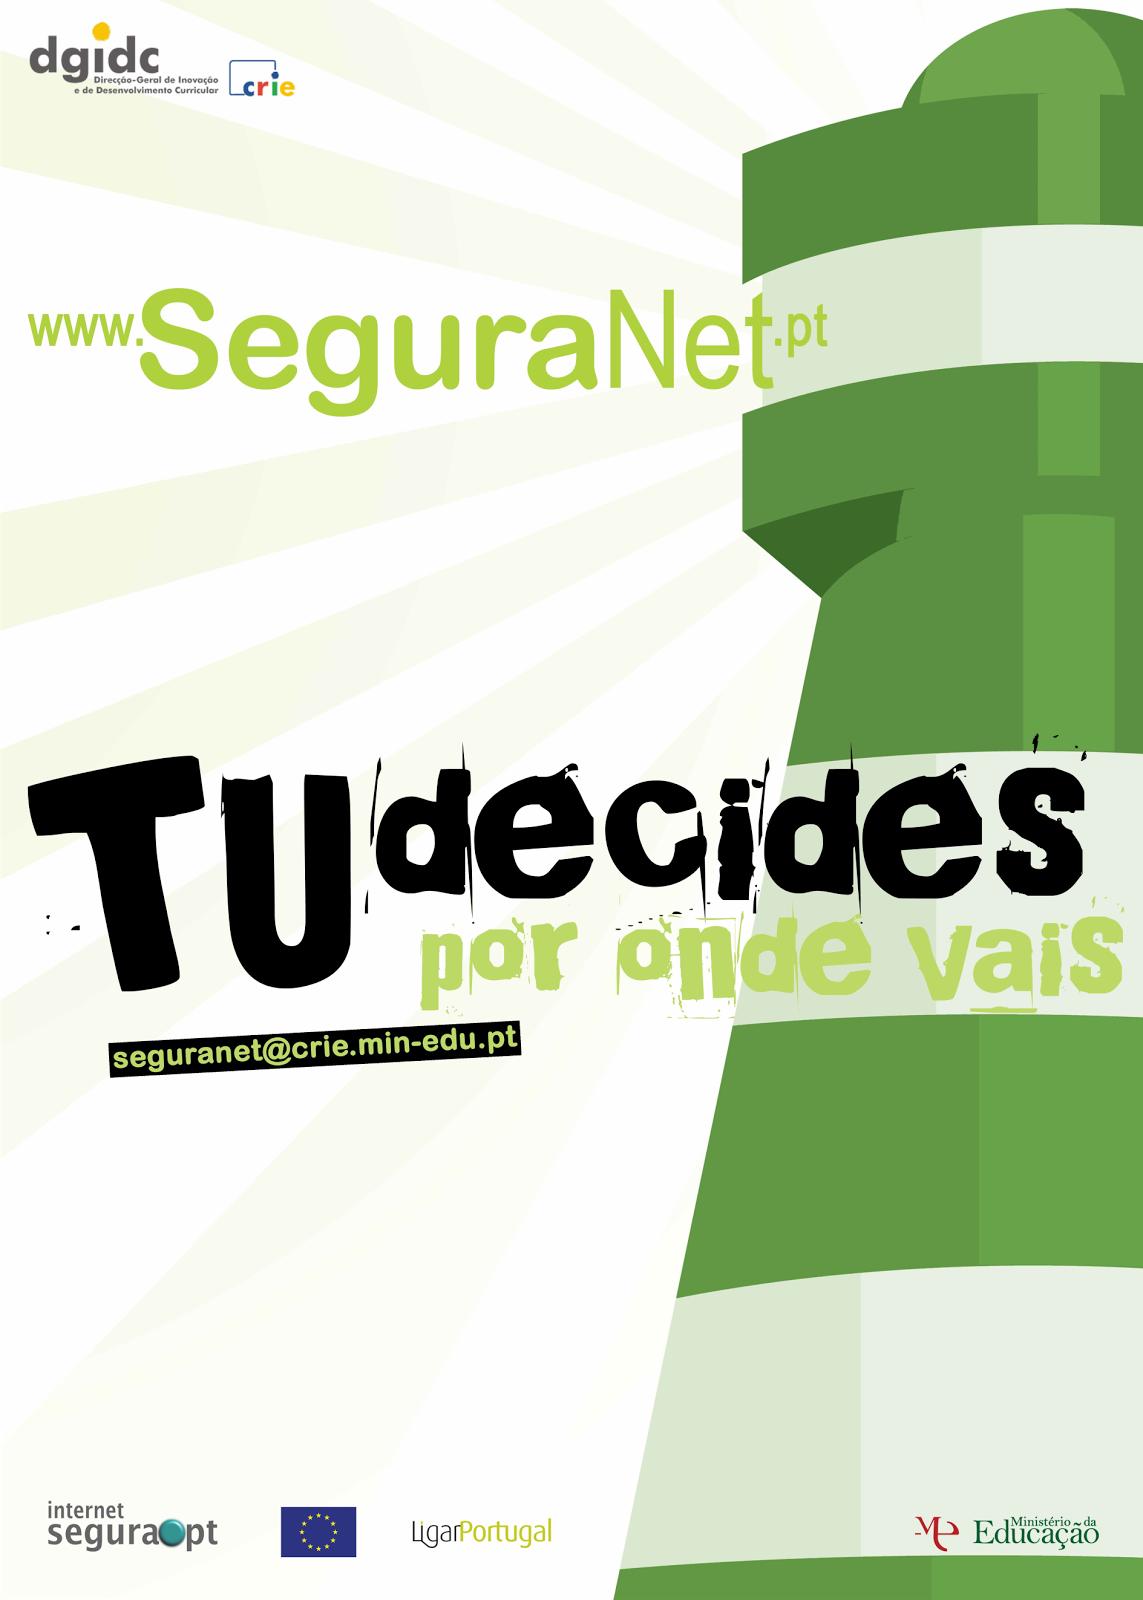 Aprende de forma divertida com internetsegura.pt e SeguraNet.pt